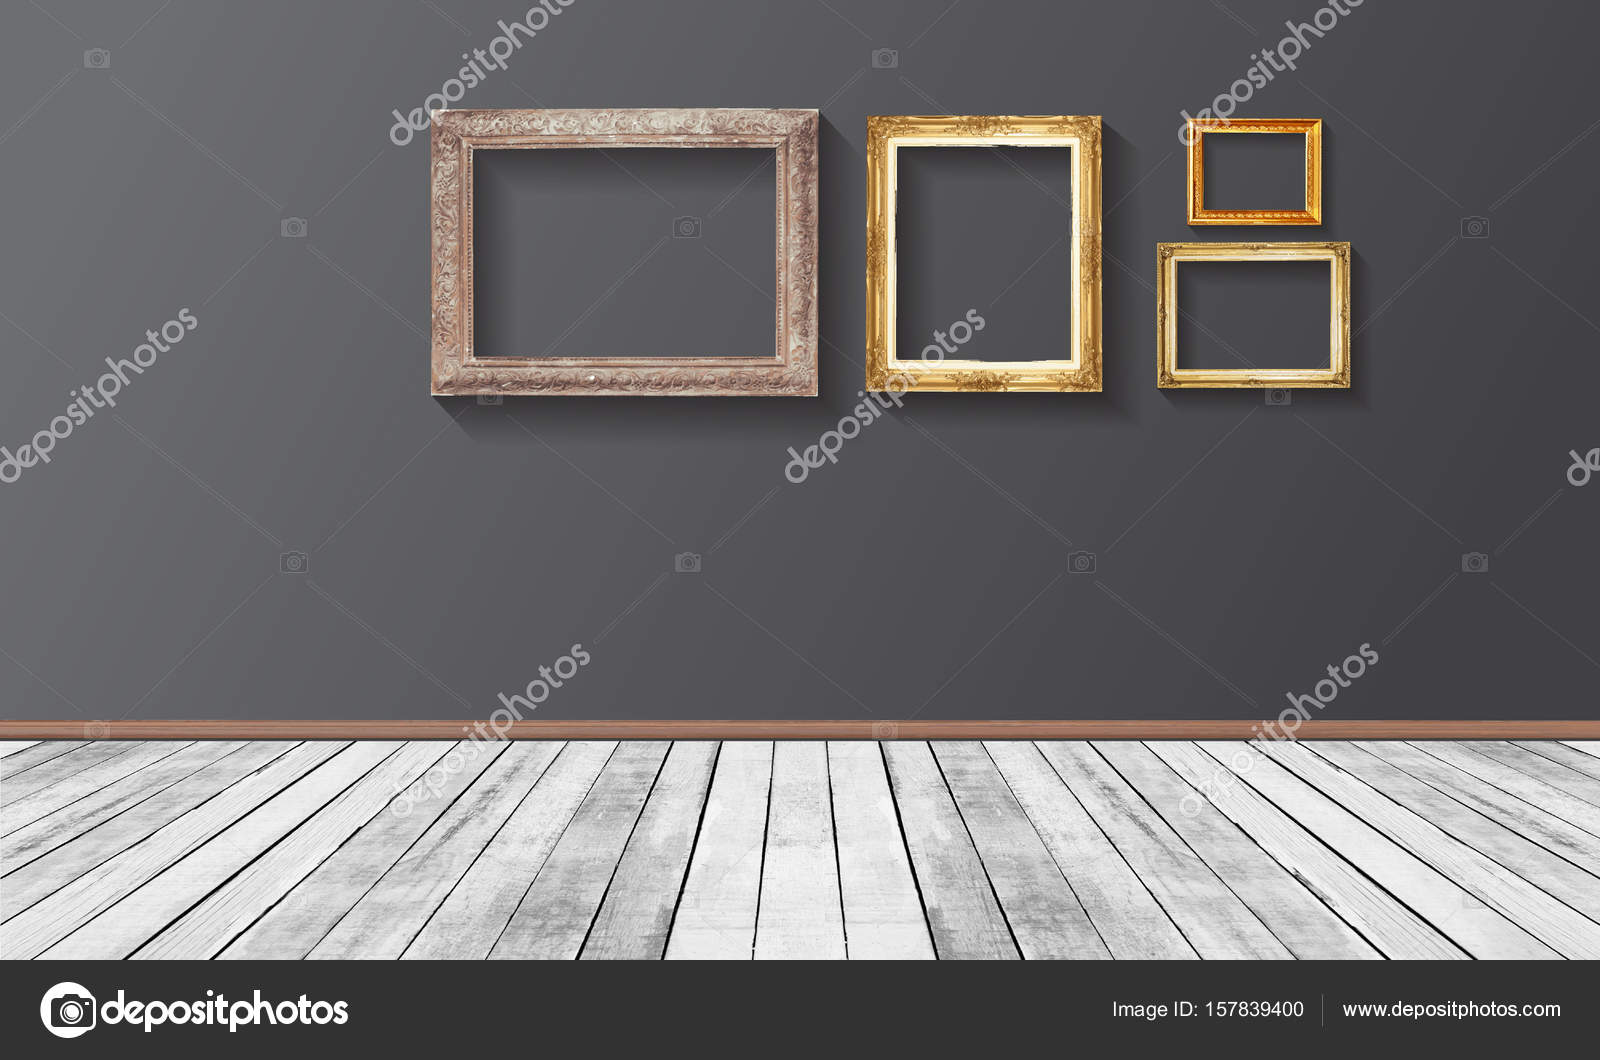 Conjunto de oro vintage marco de madera en la pared, piso de duela ...